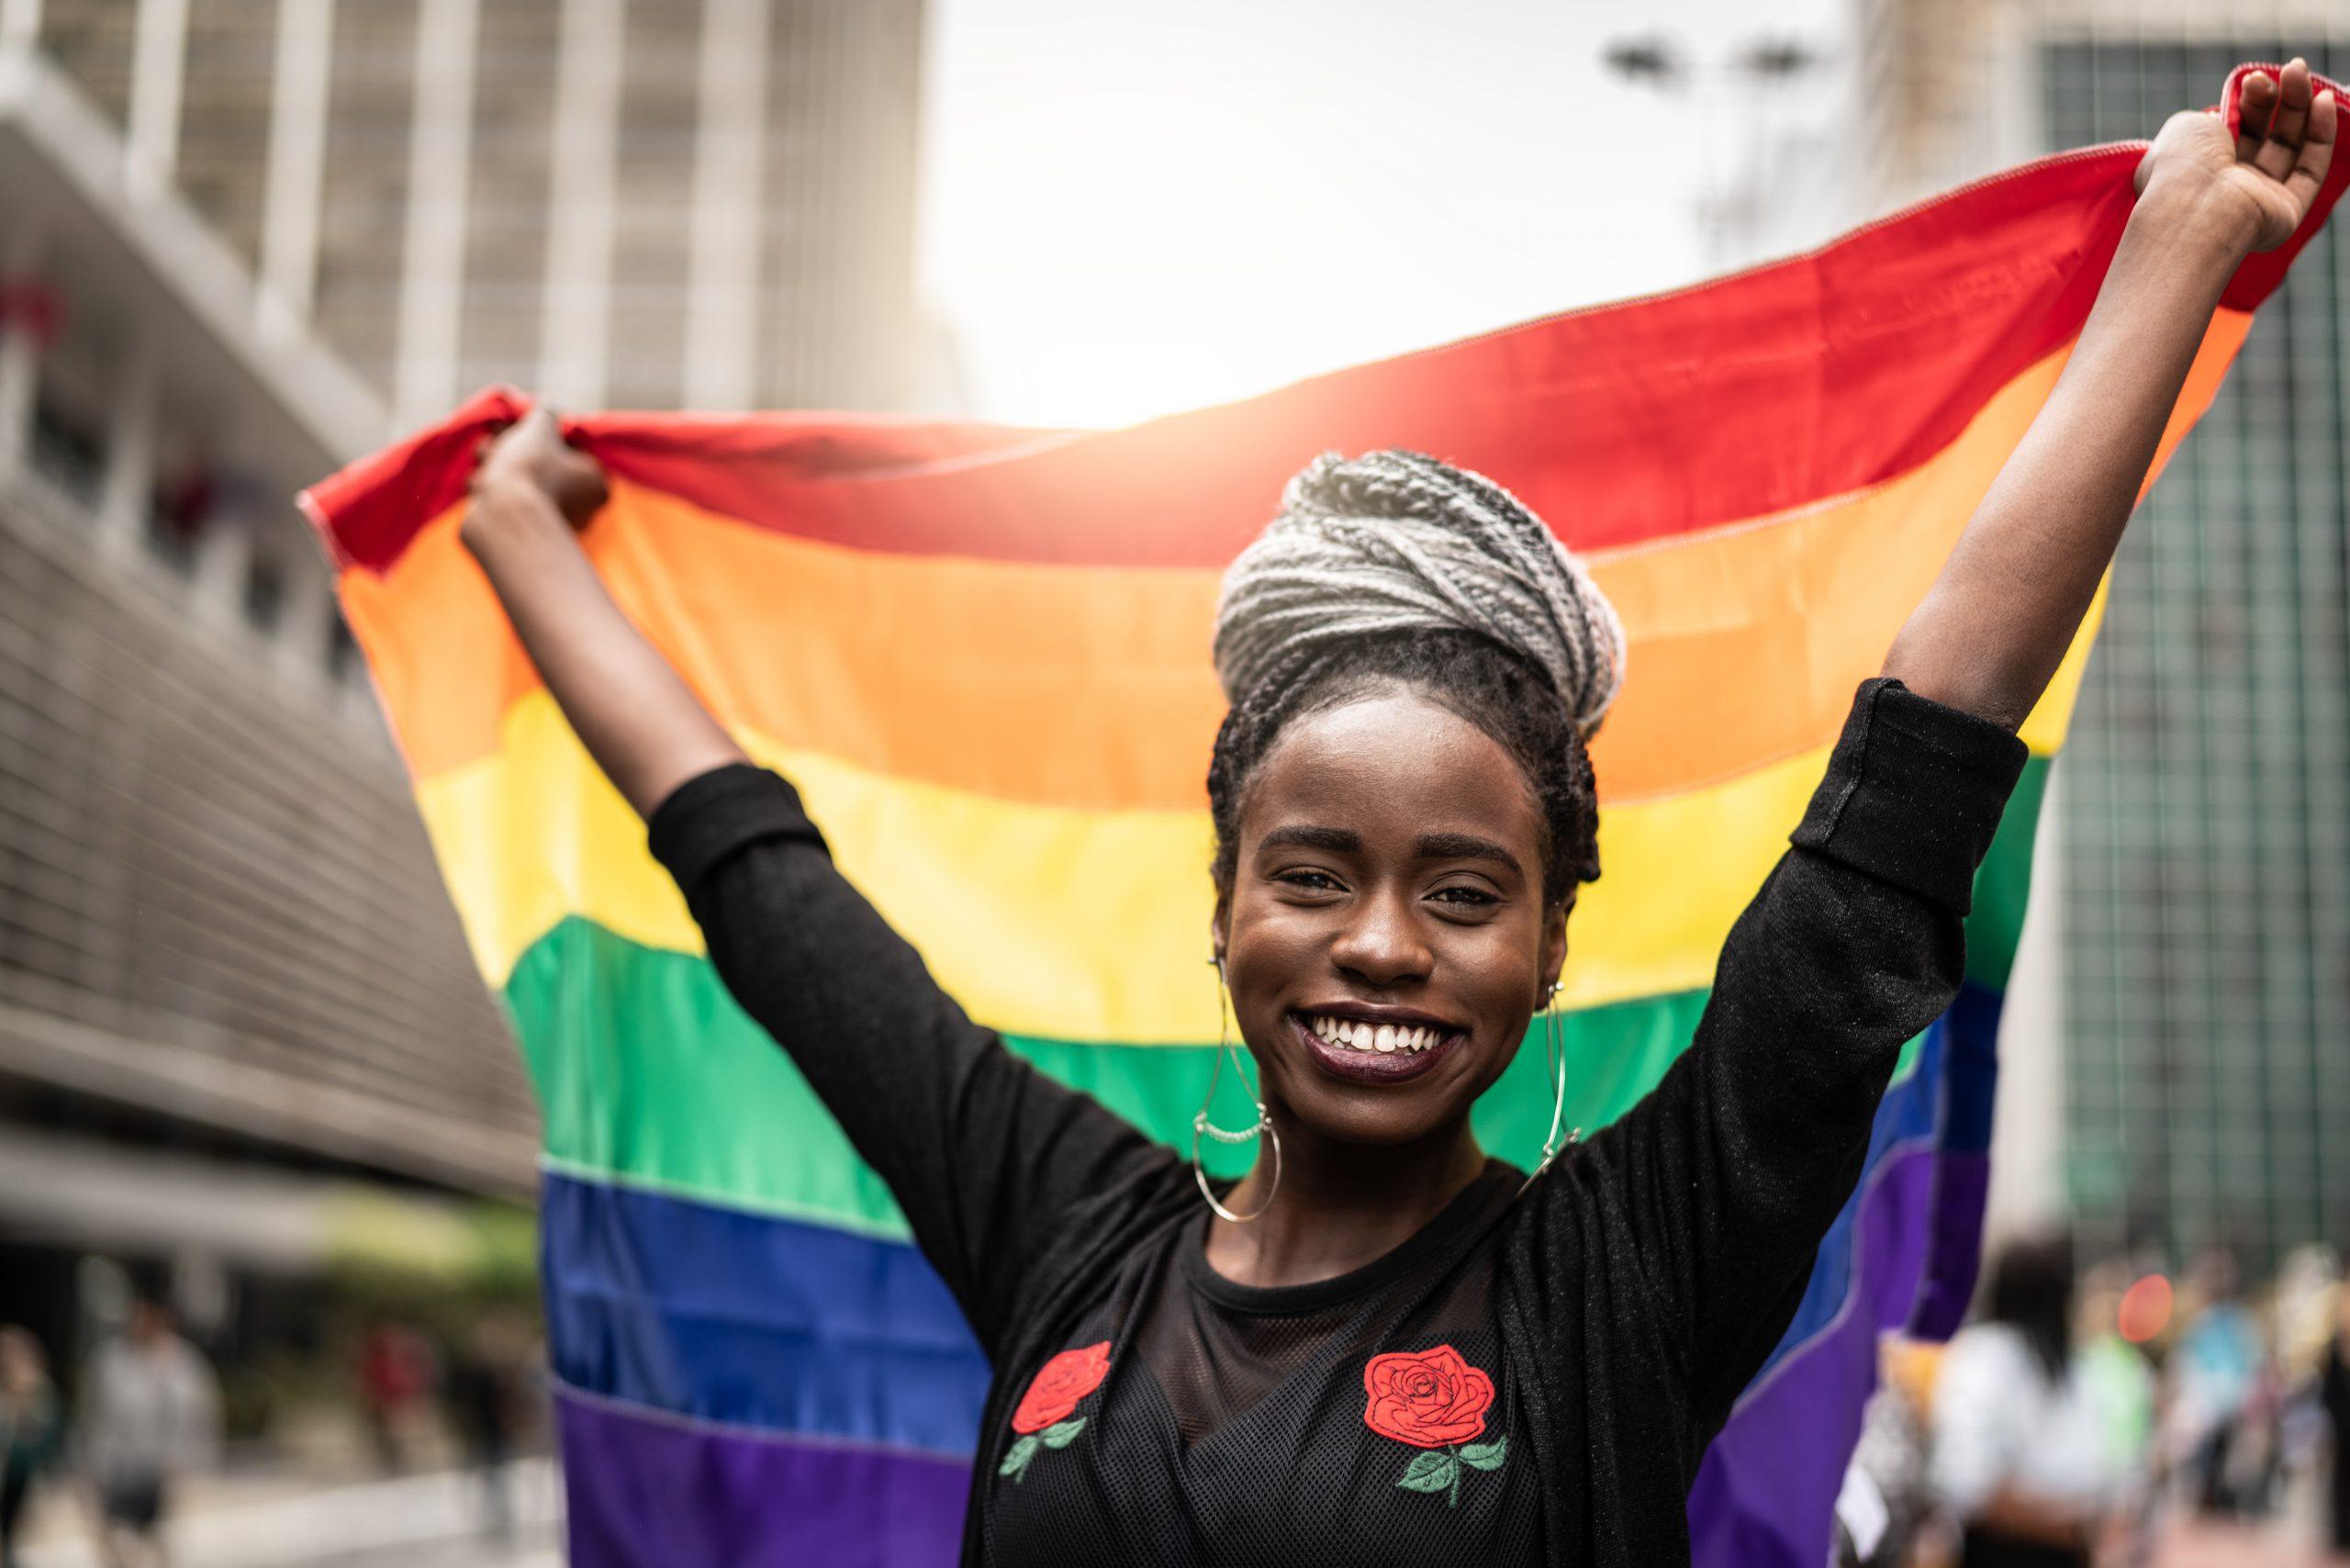 Woman Waving Rainbow Flag at Gay Parade